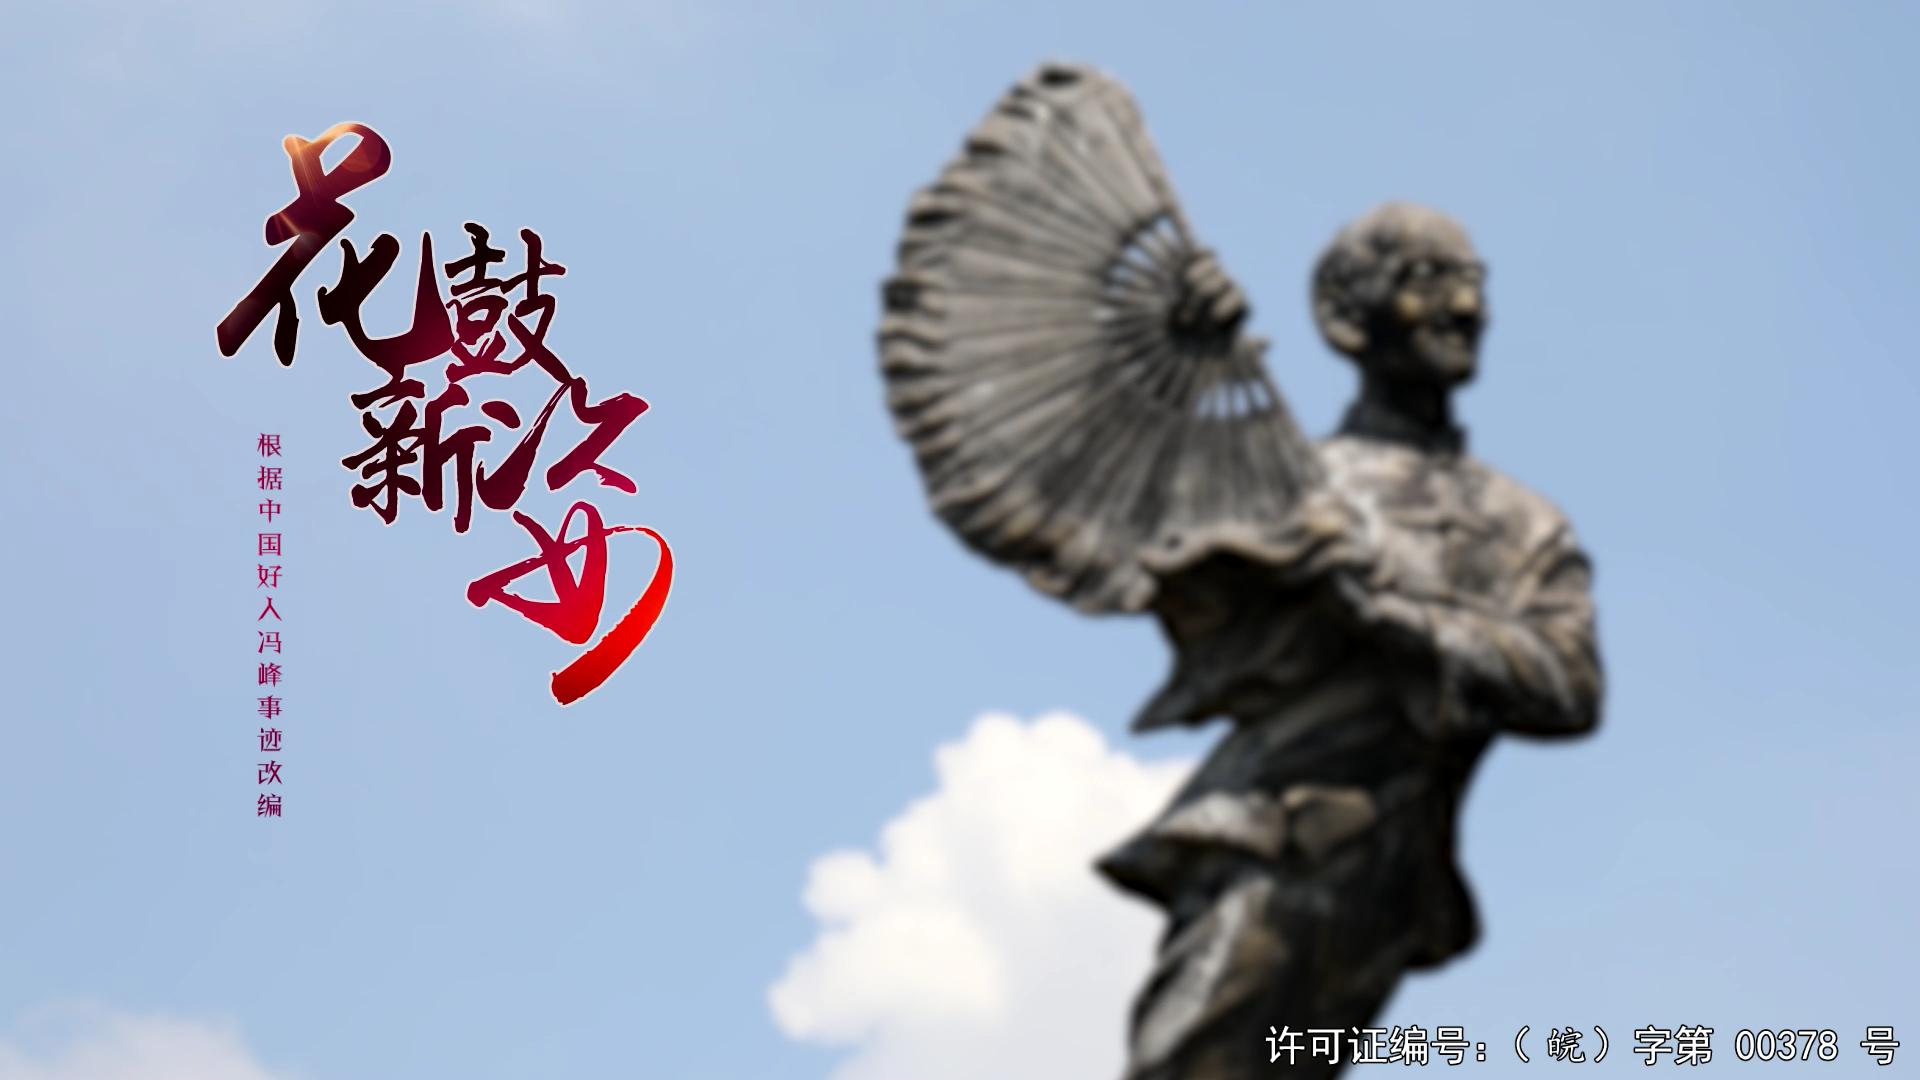 中国好人冯峰-花鼓新姿(1080p)[00_00_38][20191118-145156].png